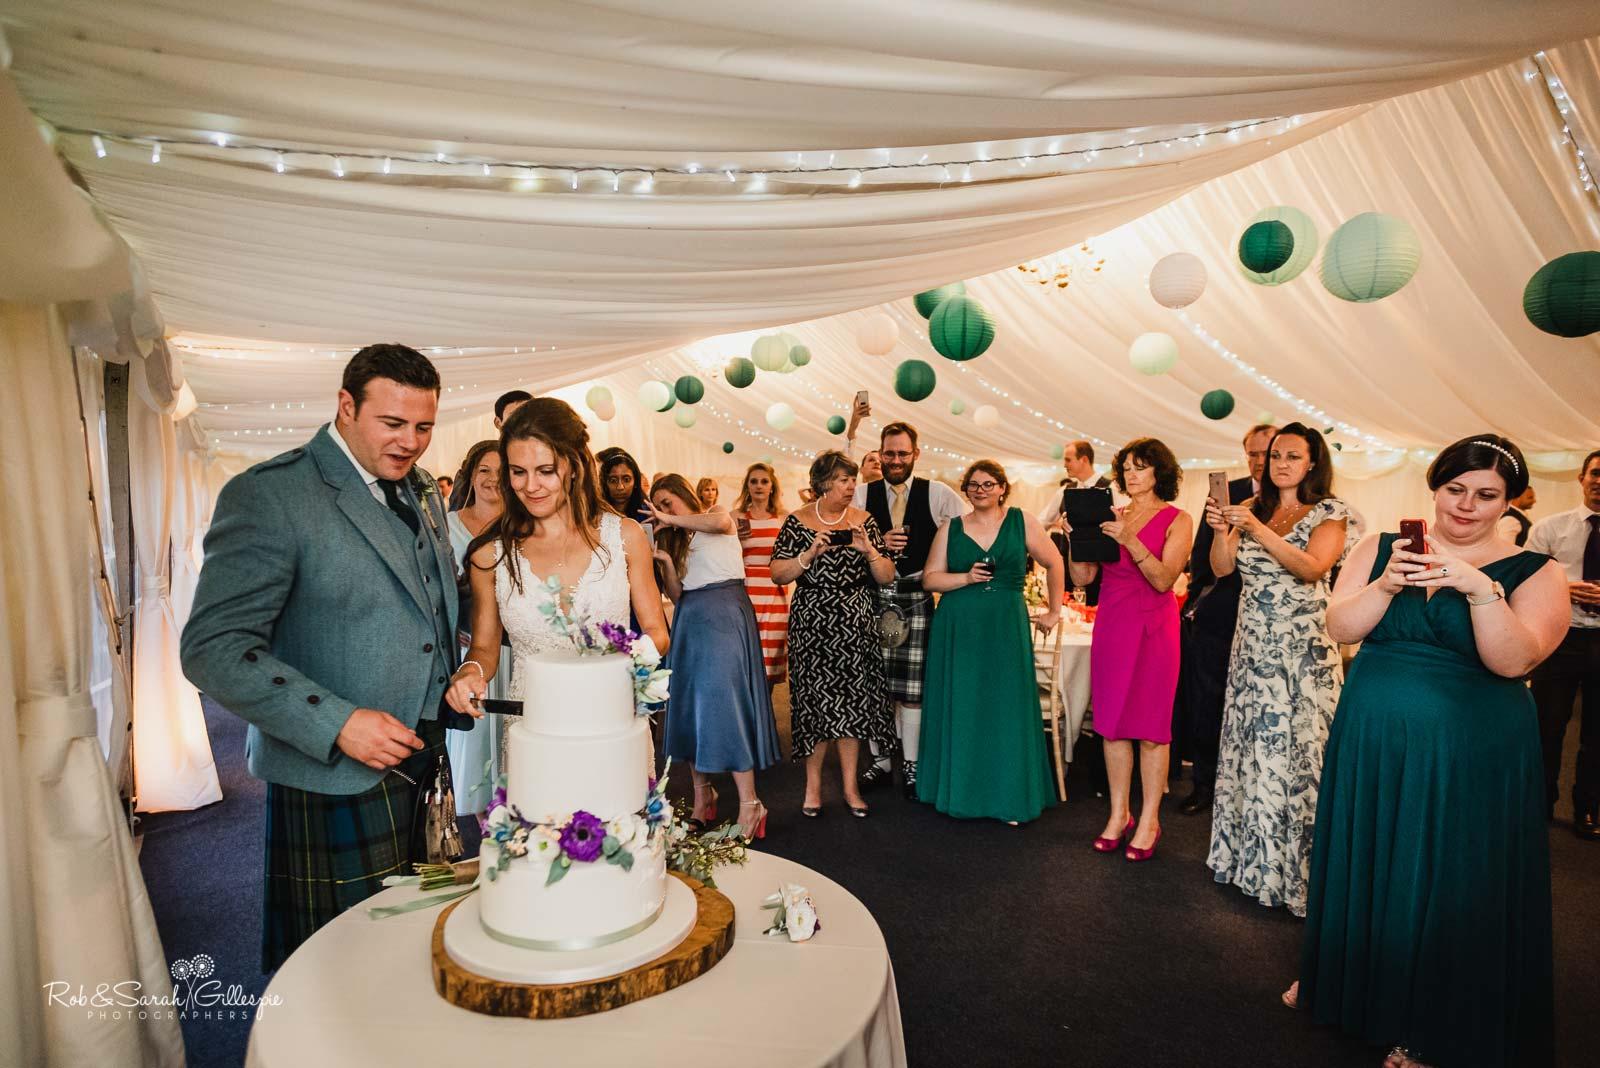 Wedding cake cut at Wethele Manor